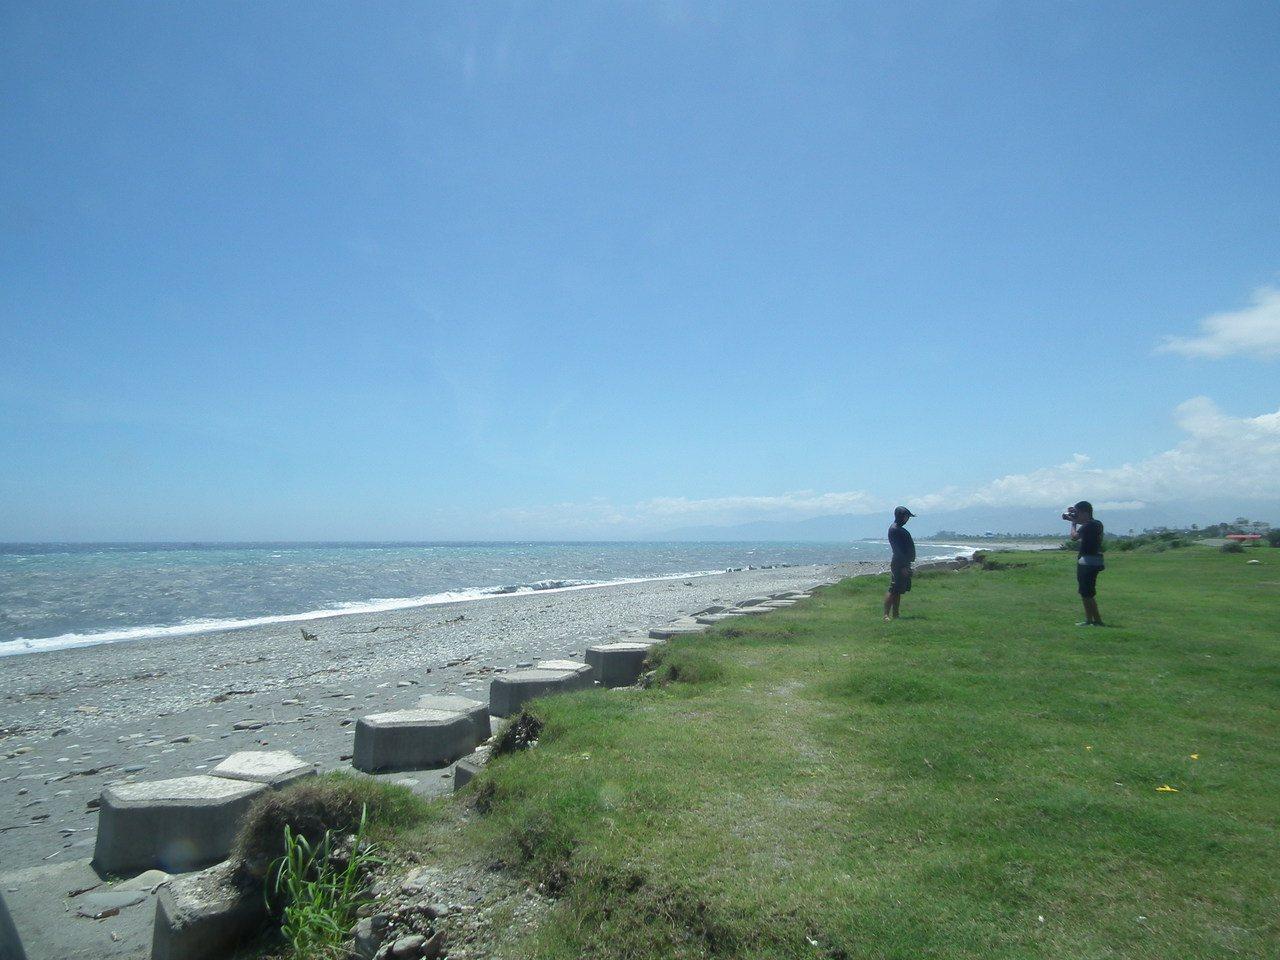 看到oBike單車出現沙灘上,遊客當背景拍照留念。記者尤聰光/攝影